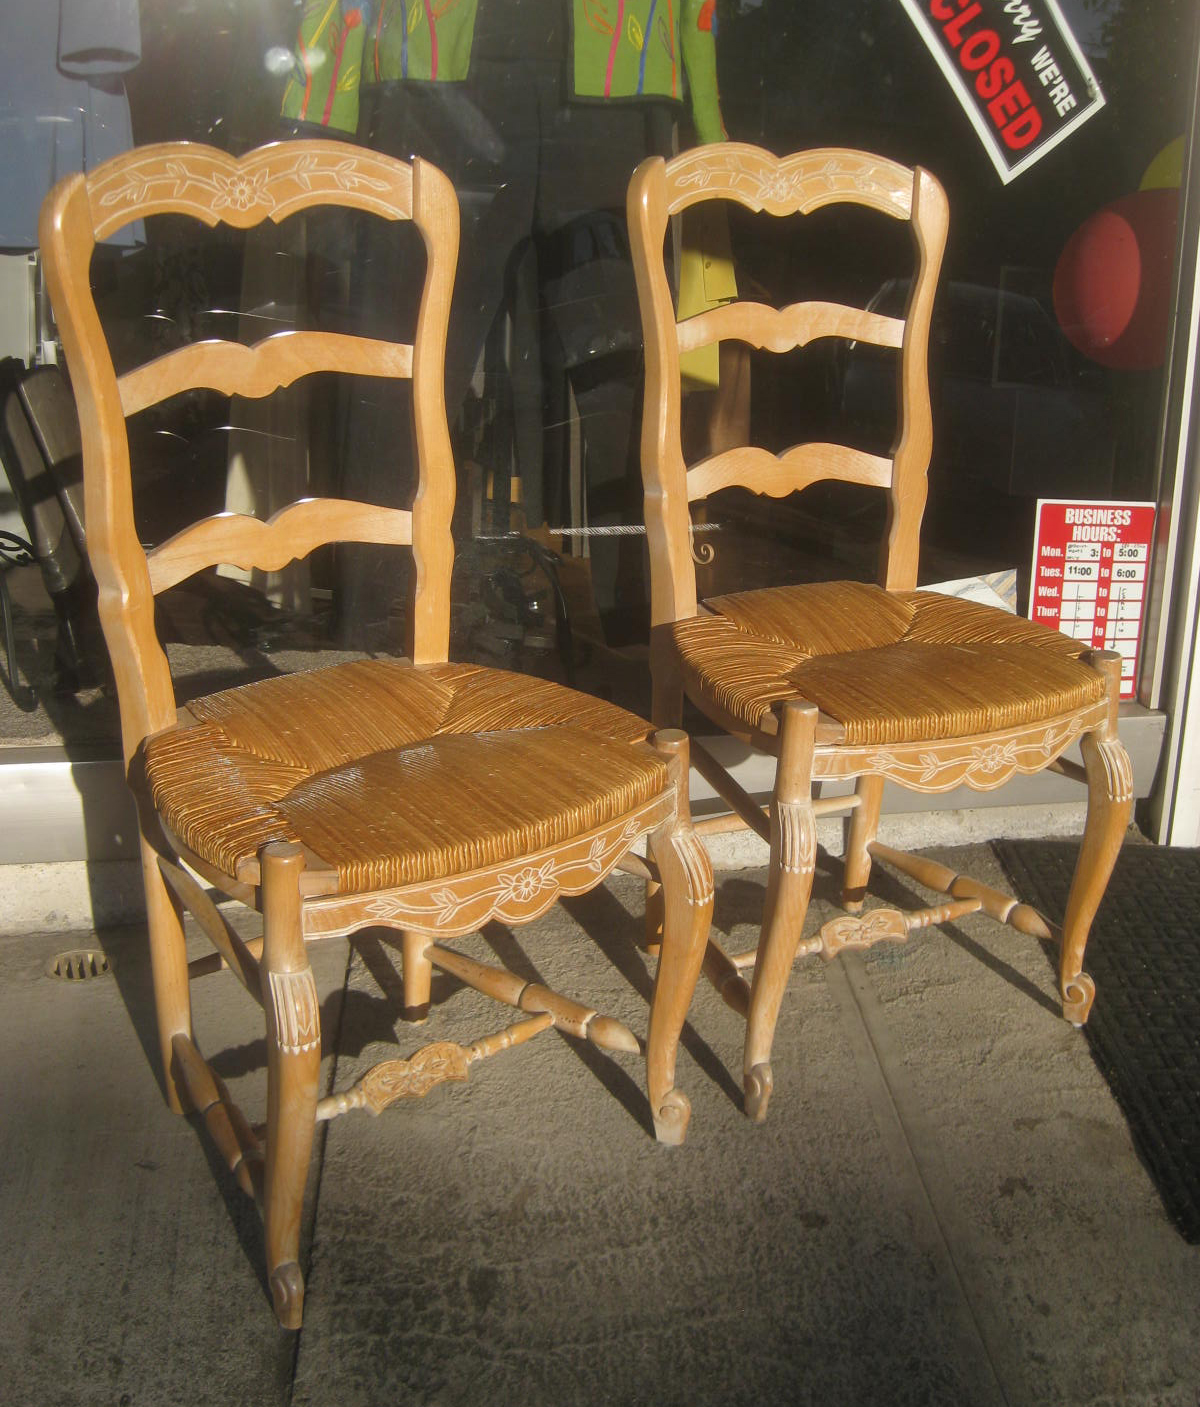 SOLD - White Washed Oak Chairs - $25 each & UHURU FURNITURE u0026 COLLECTIBLES: SOLD - White Washed Oak Chairs - $25 ...